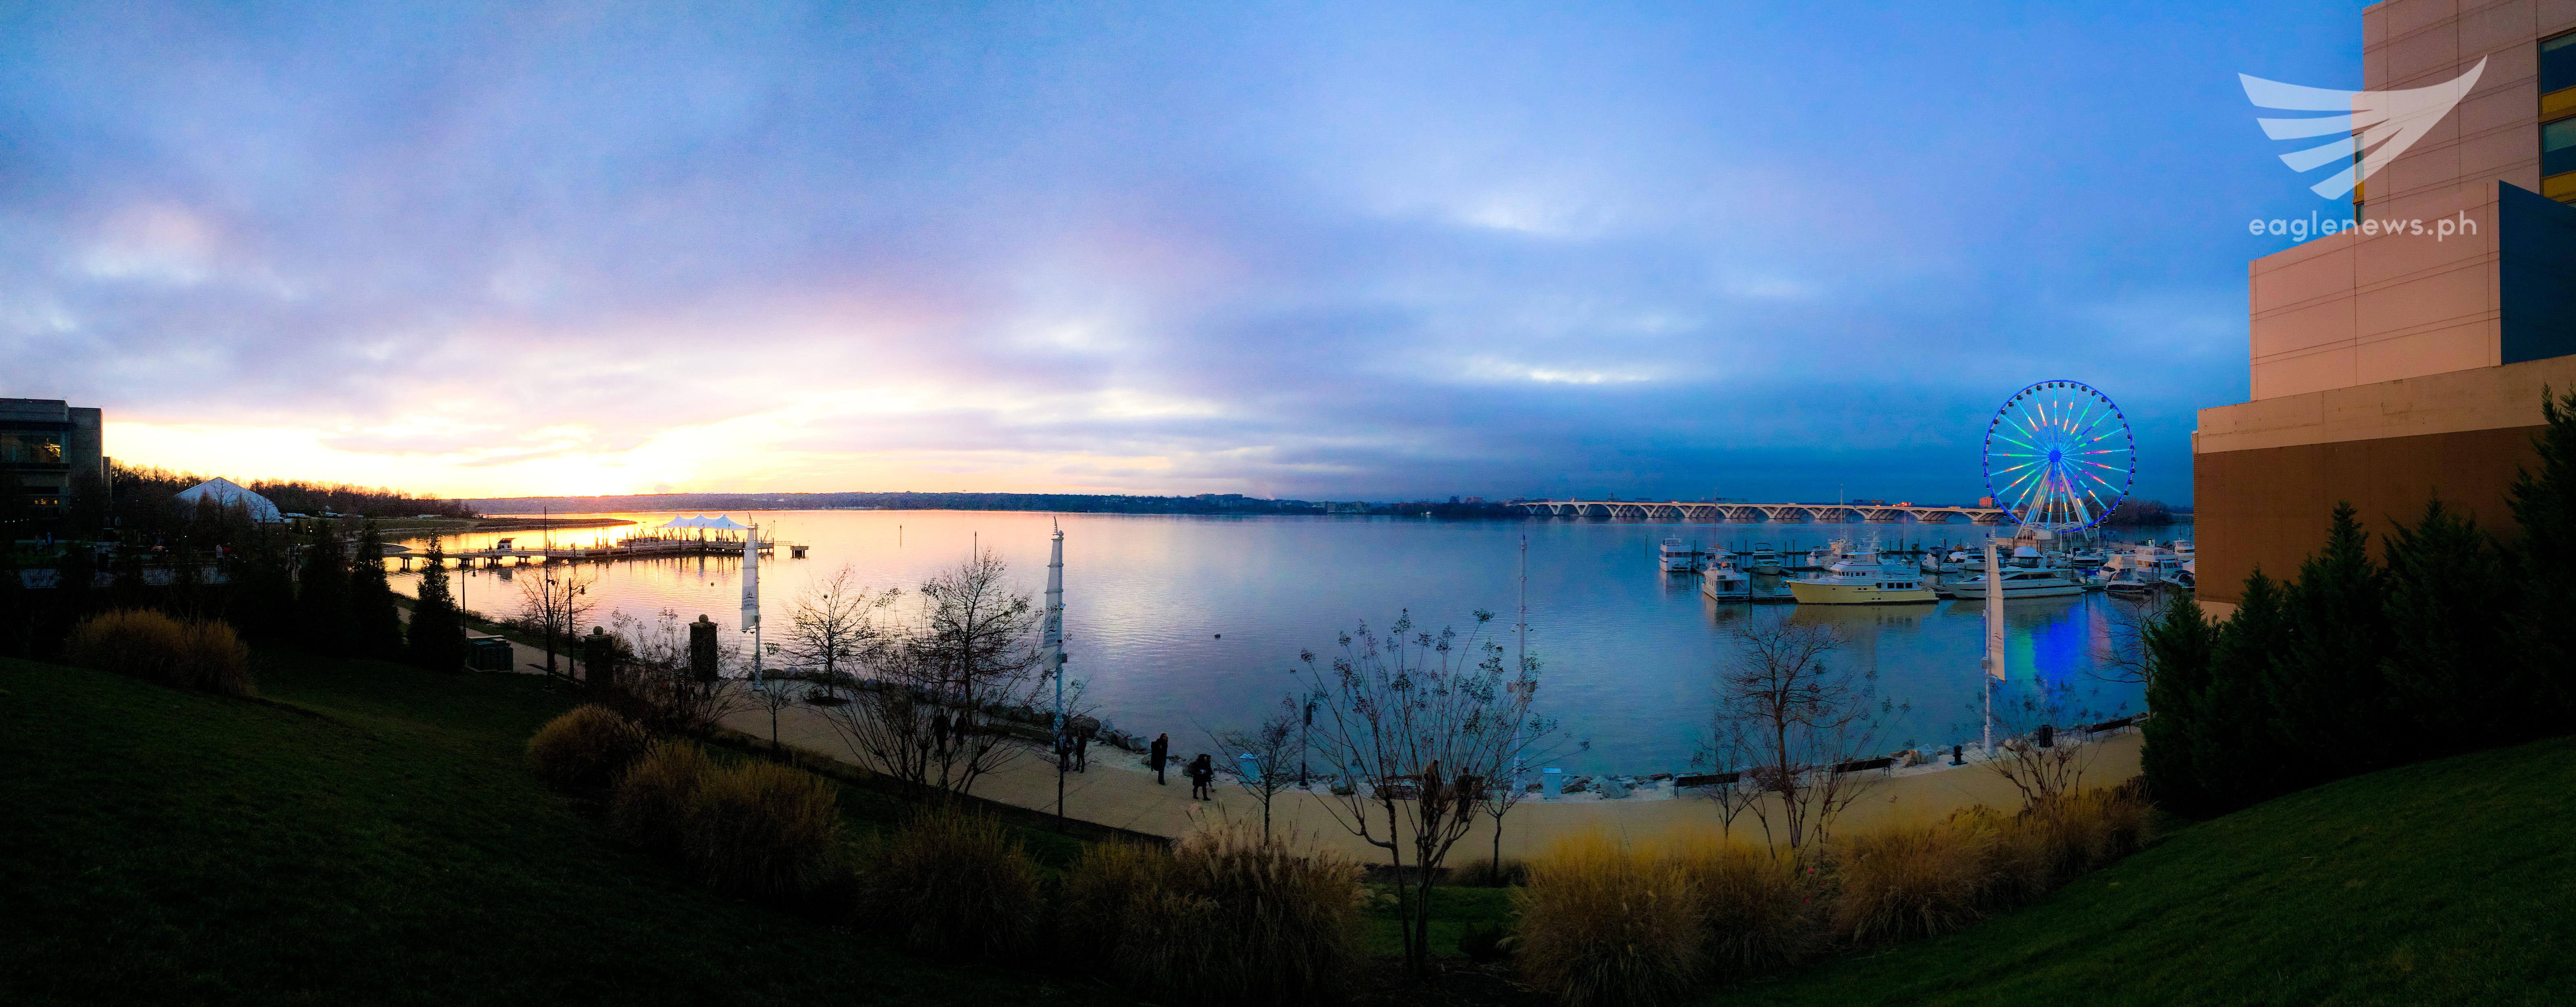 waterfront_wm